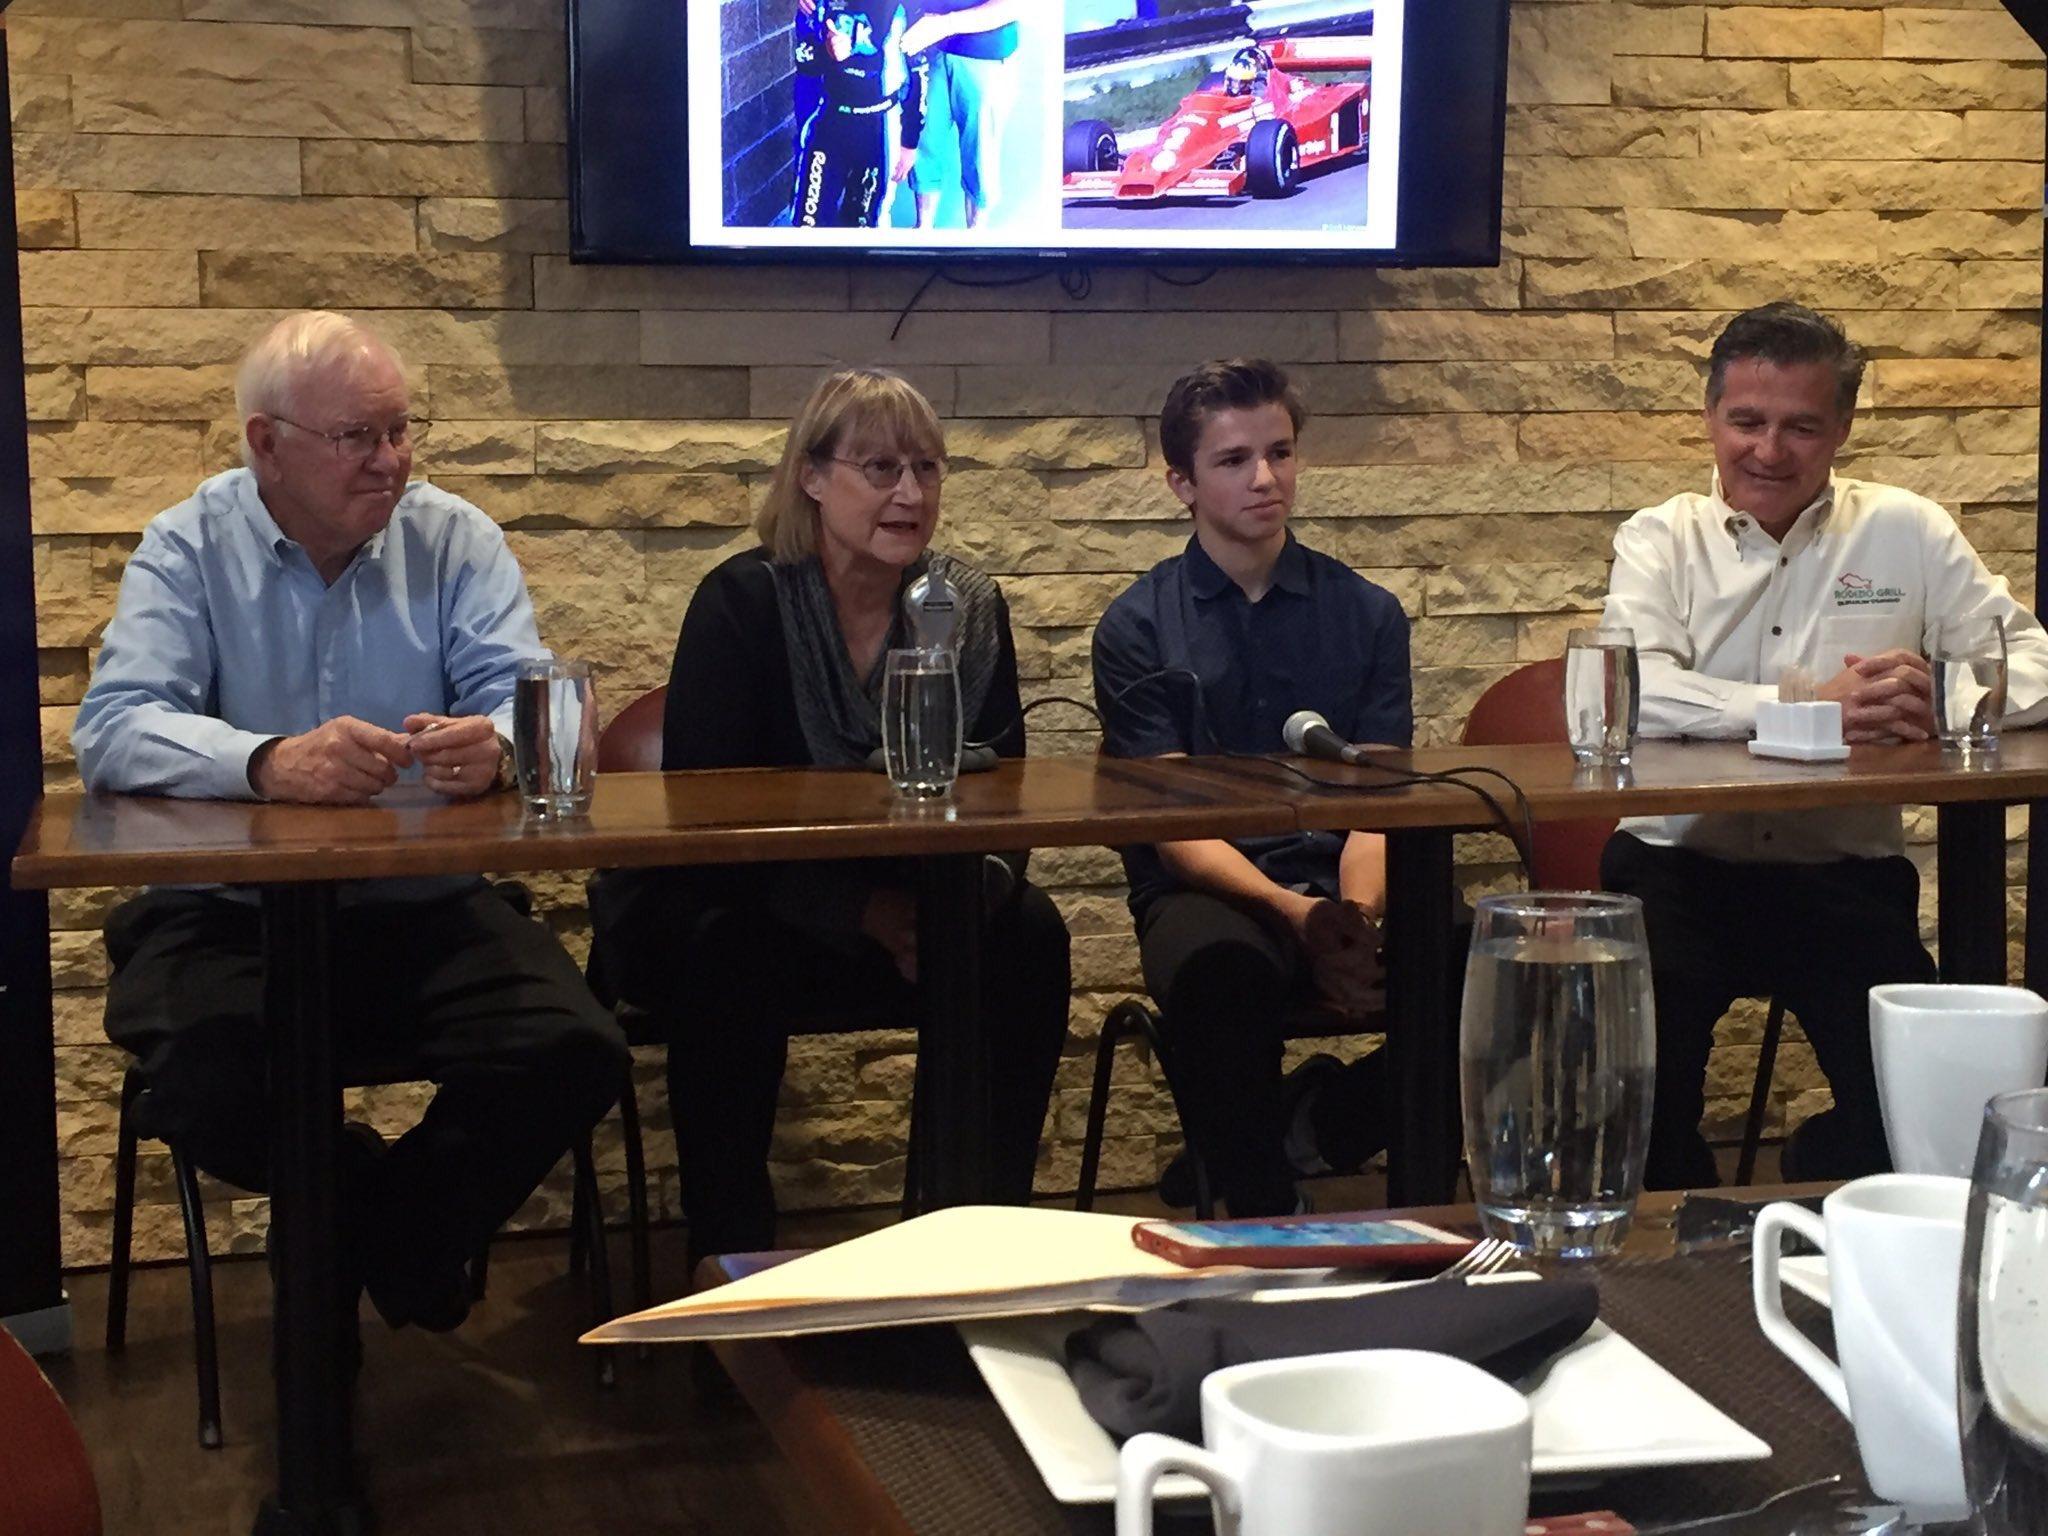 Carneiro'nun basın toplantısında yanındakiler soldan sağa doğru Alan Wilson, Denise Wilson ve genç pilotumuzun daimi destekçilerinden Utah kökenli Rodizio Grill'in kurucusu Brezilya asıllı Ivan Utrera'ymış.